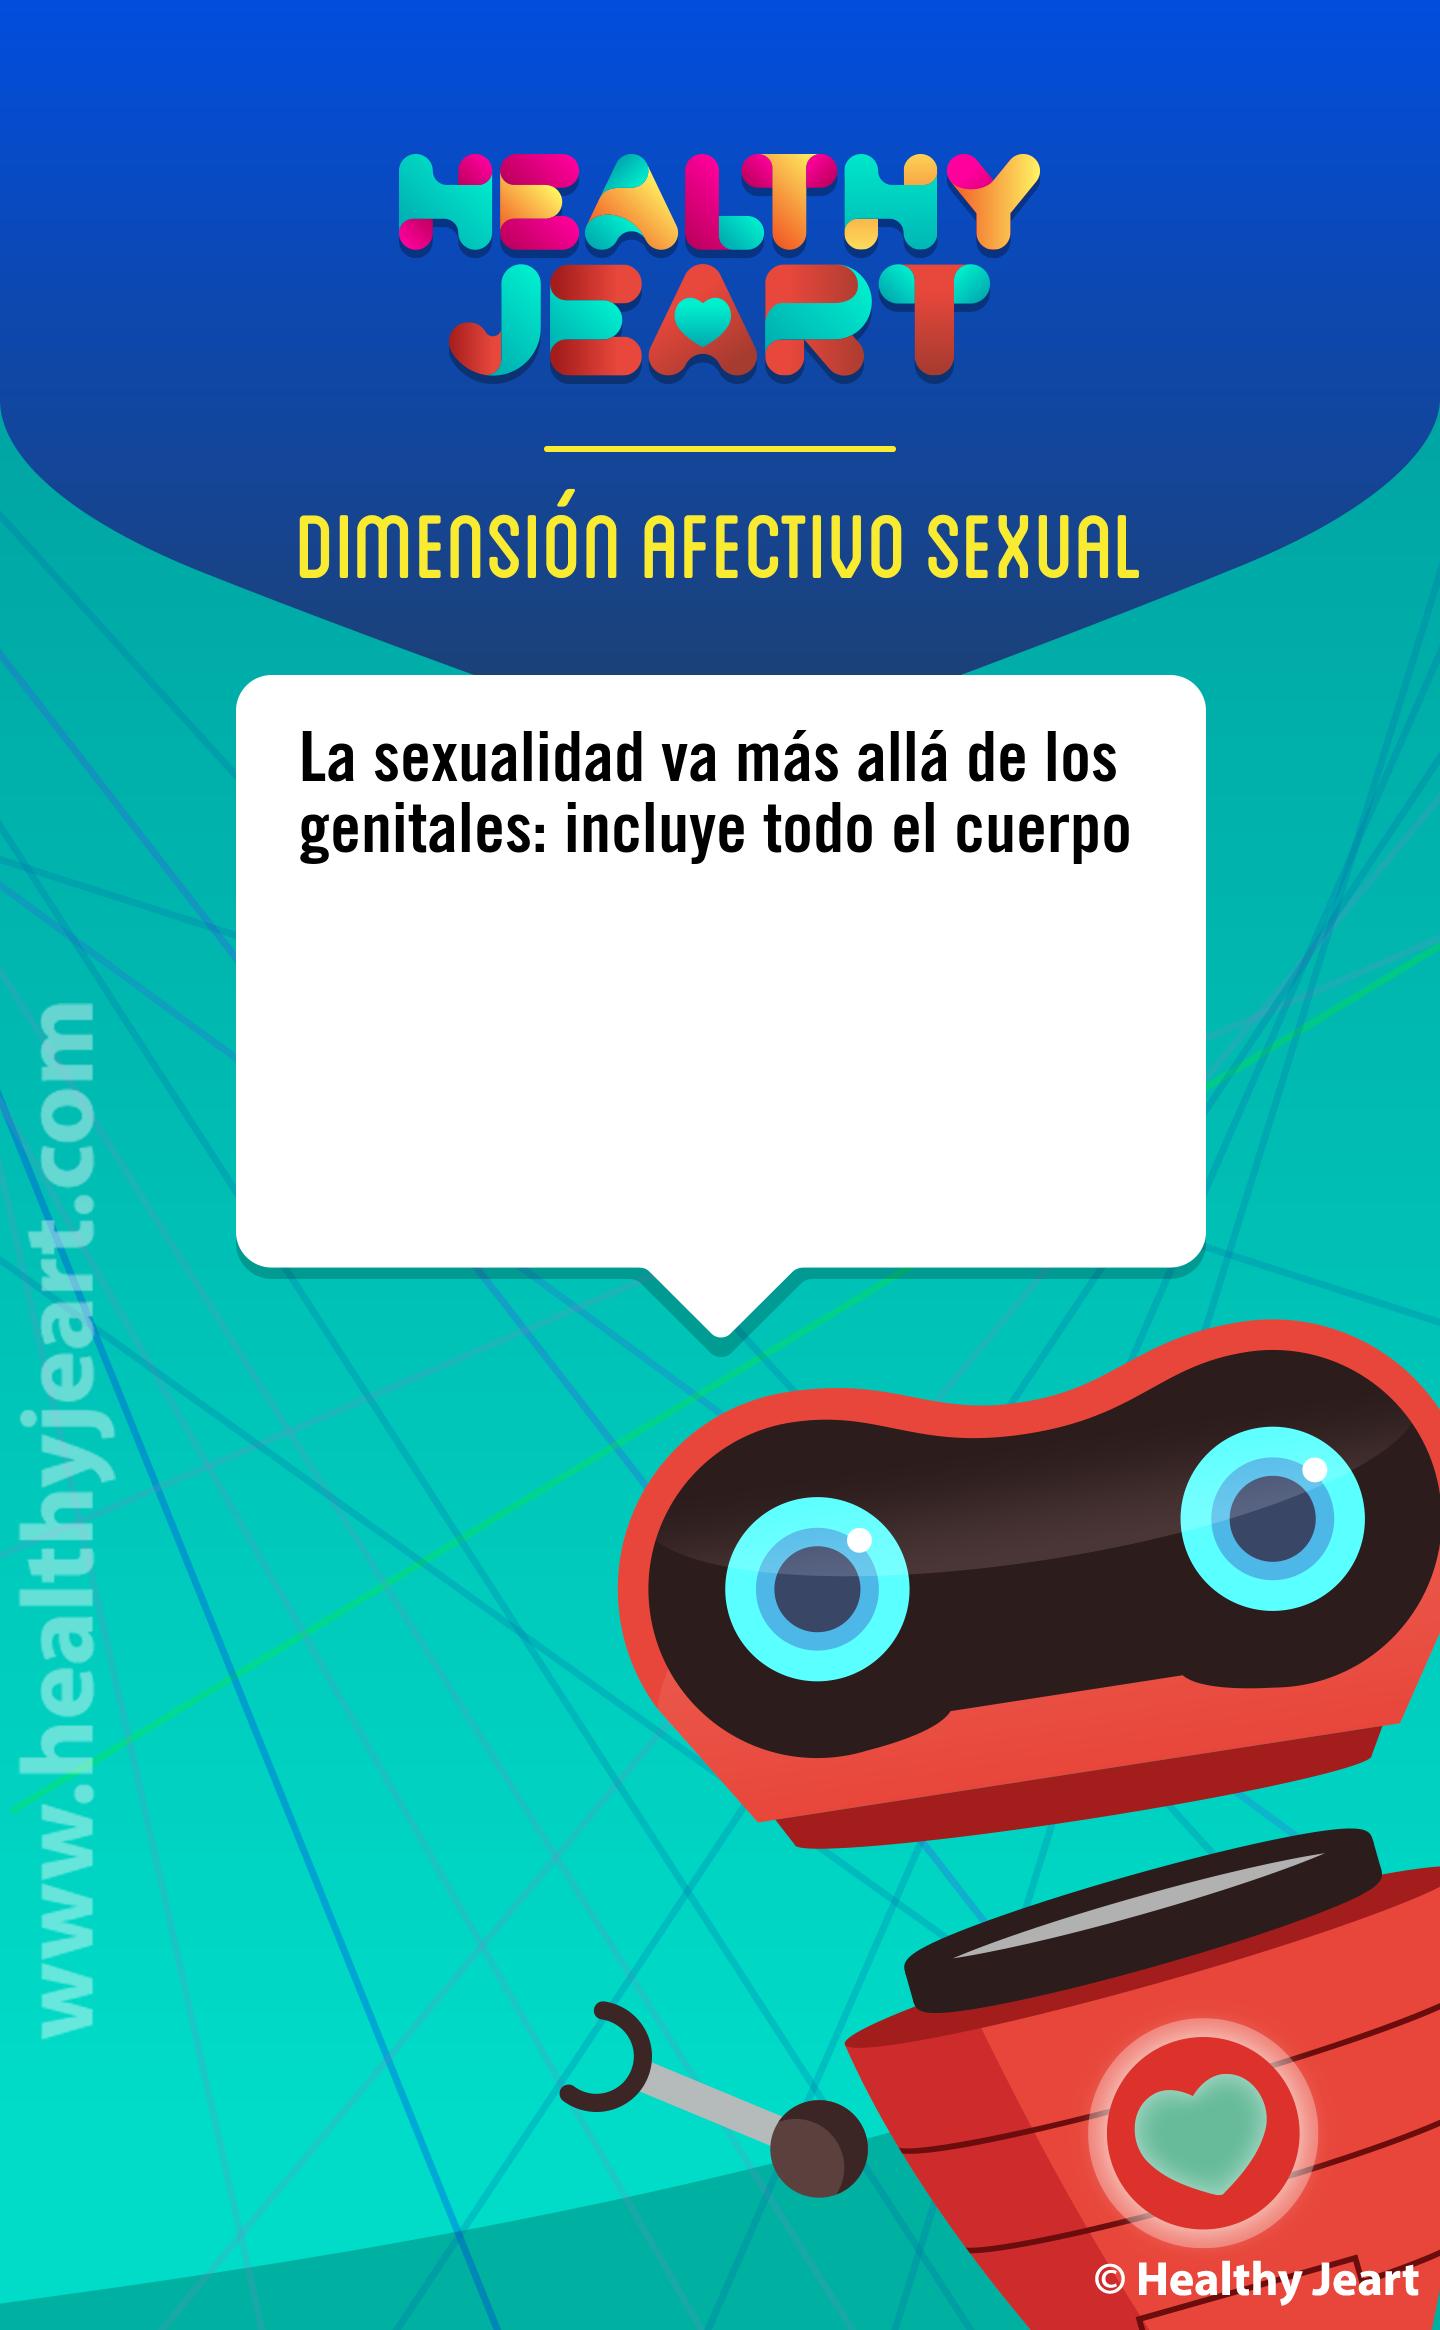 La sexualidad va mas allá de los genitales: incluye todo el cuerpo